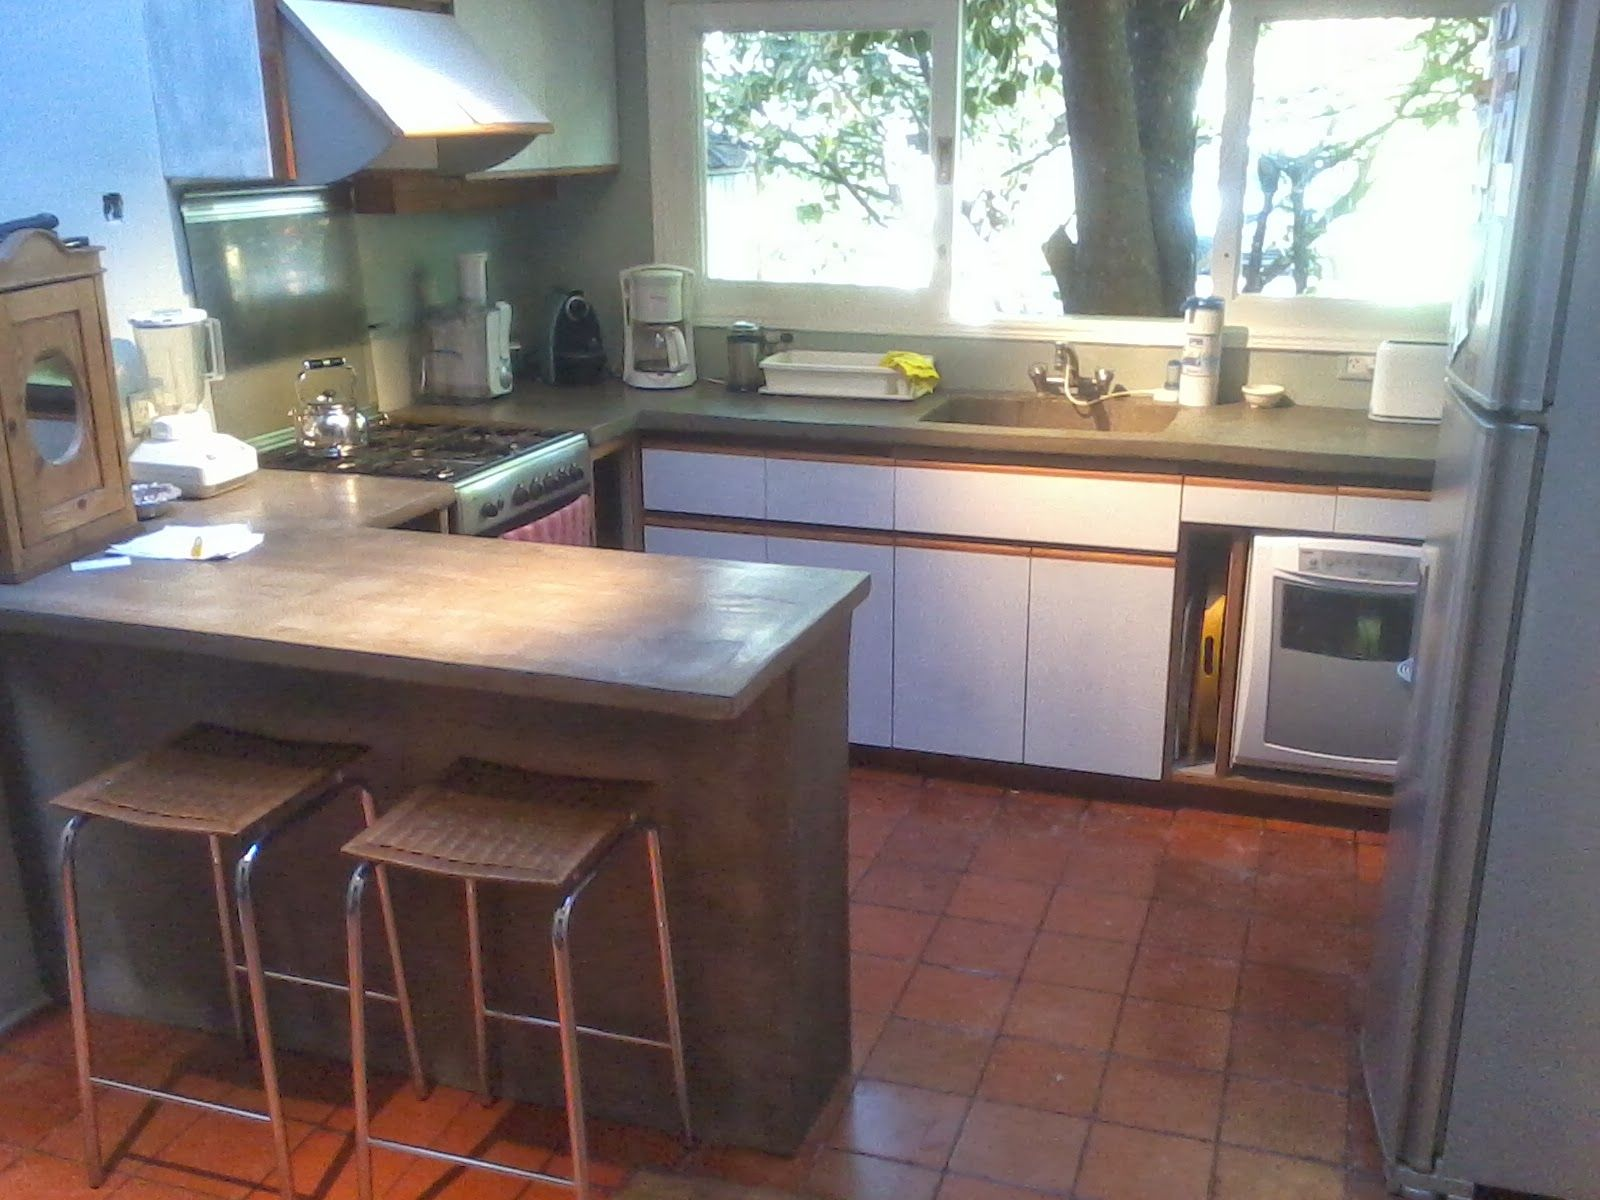 Muebles de cocina barra mesada cemento 1600 for Cocinas de concreto